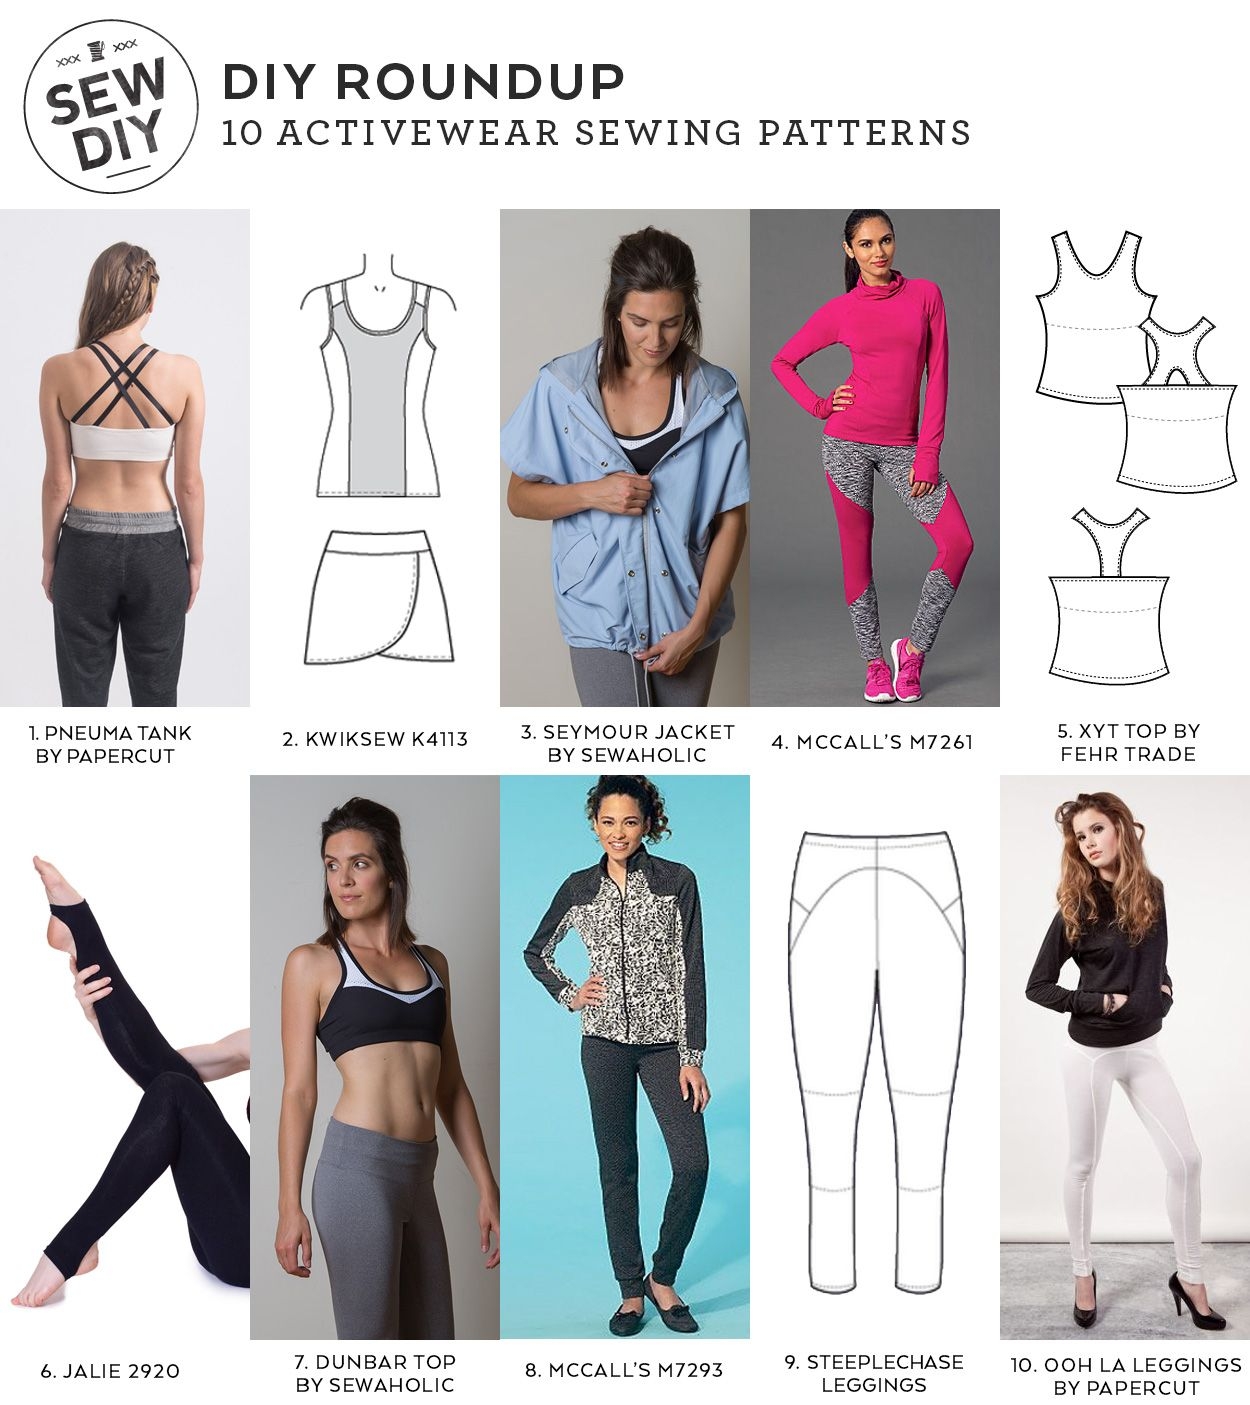 10 Activewear Sewing Patterns – DIY Roundup | Costura, Patrones y Molde